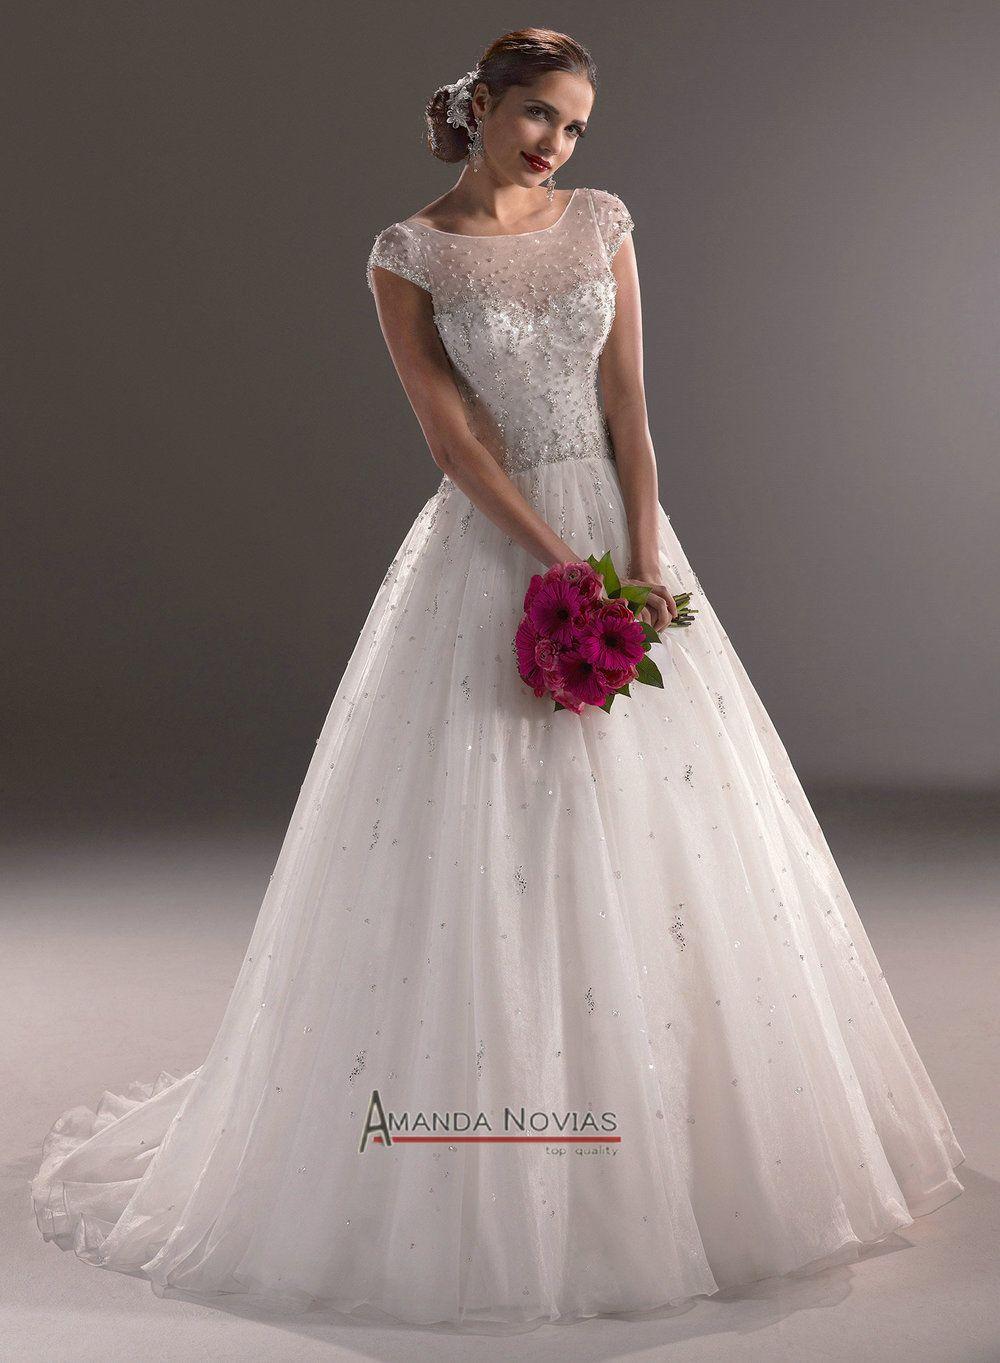 100+ Wedding Dresses In Massachusetts - Wedding Dresses for Plus ...